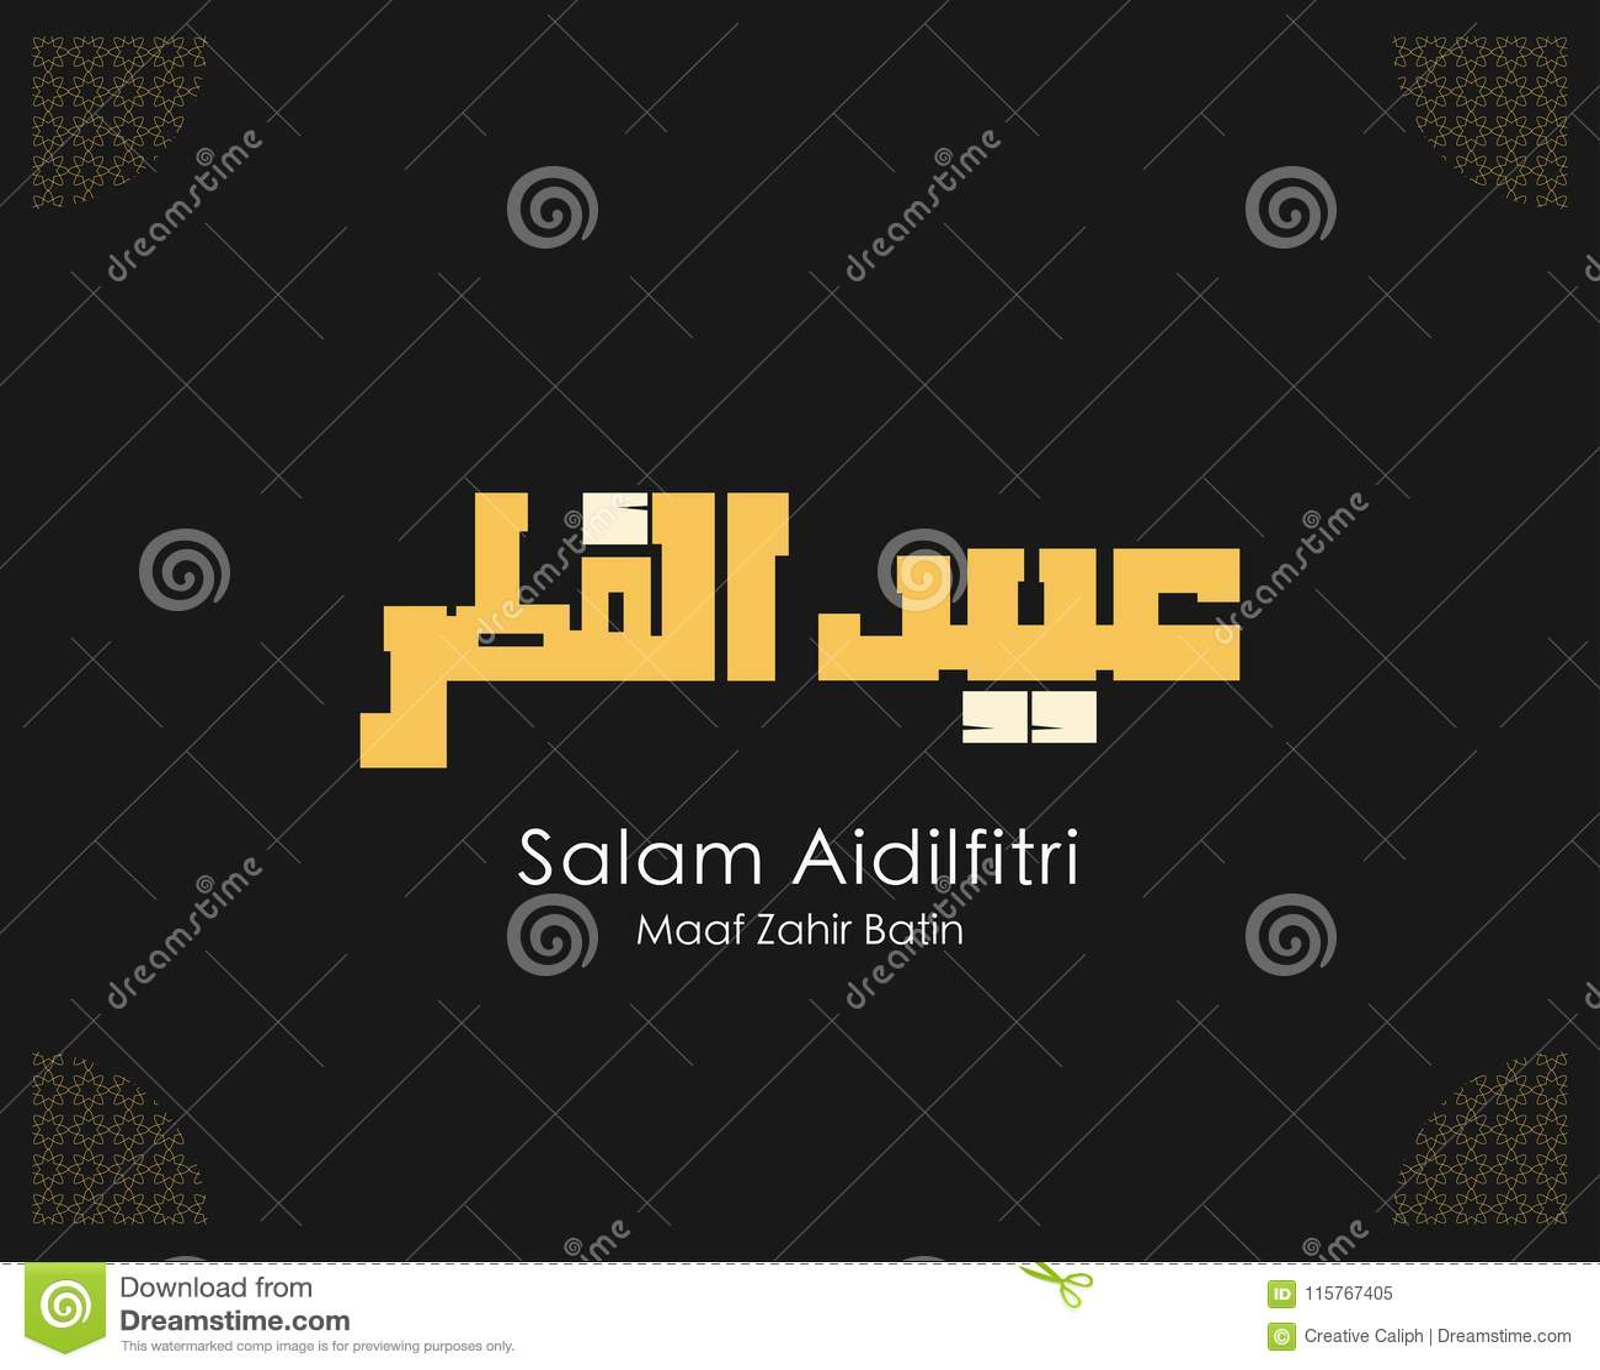 Vector Illustration Of Salam Aidilfitri And Eid Mubarak Arabic Text